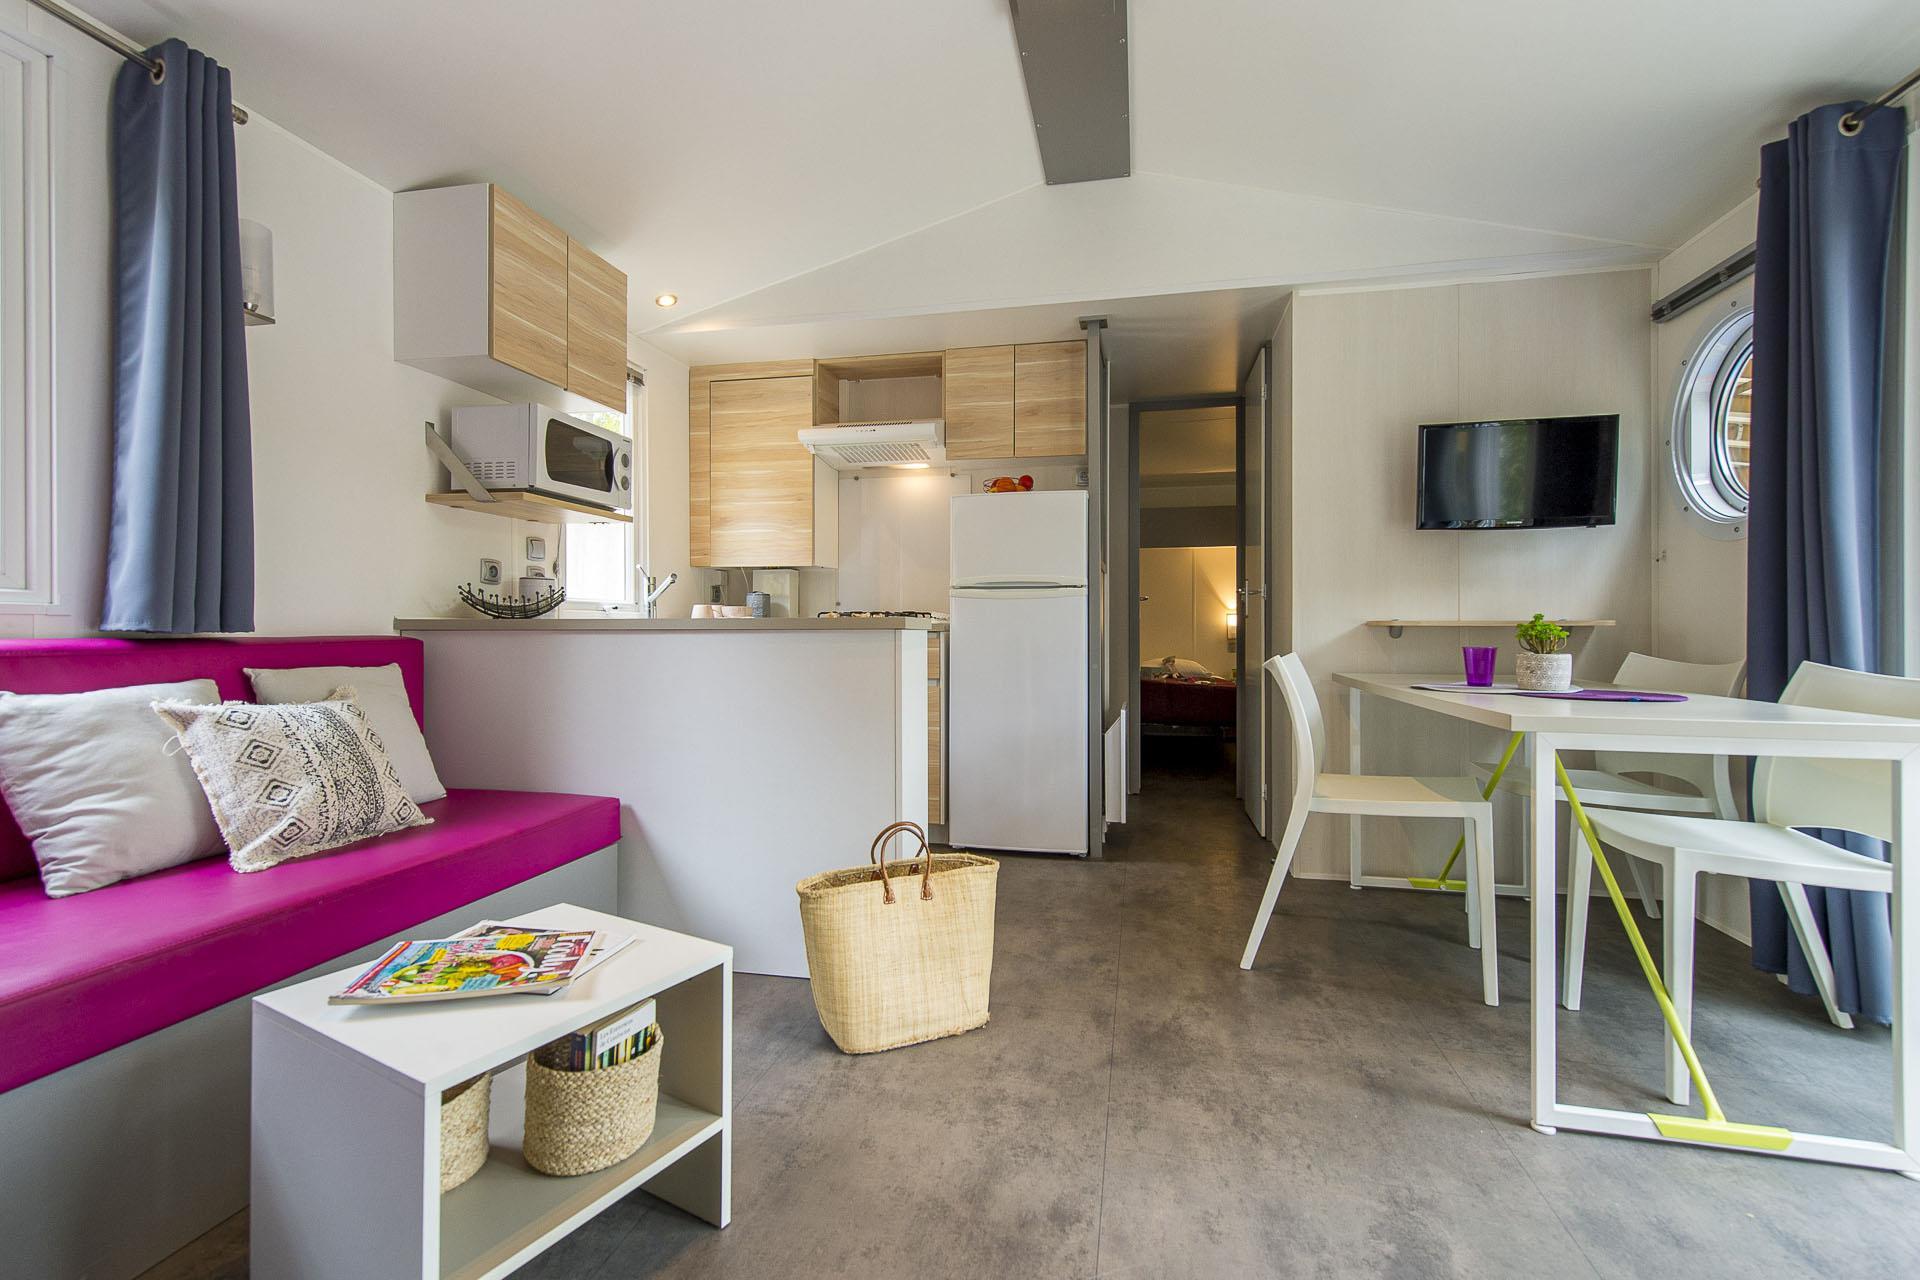 Location - Cottage 3 Chambres 2 Salles D'eau **** - Camping Sandaya L'Orée du Bois